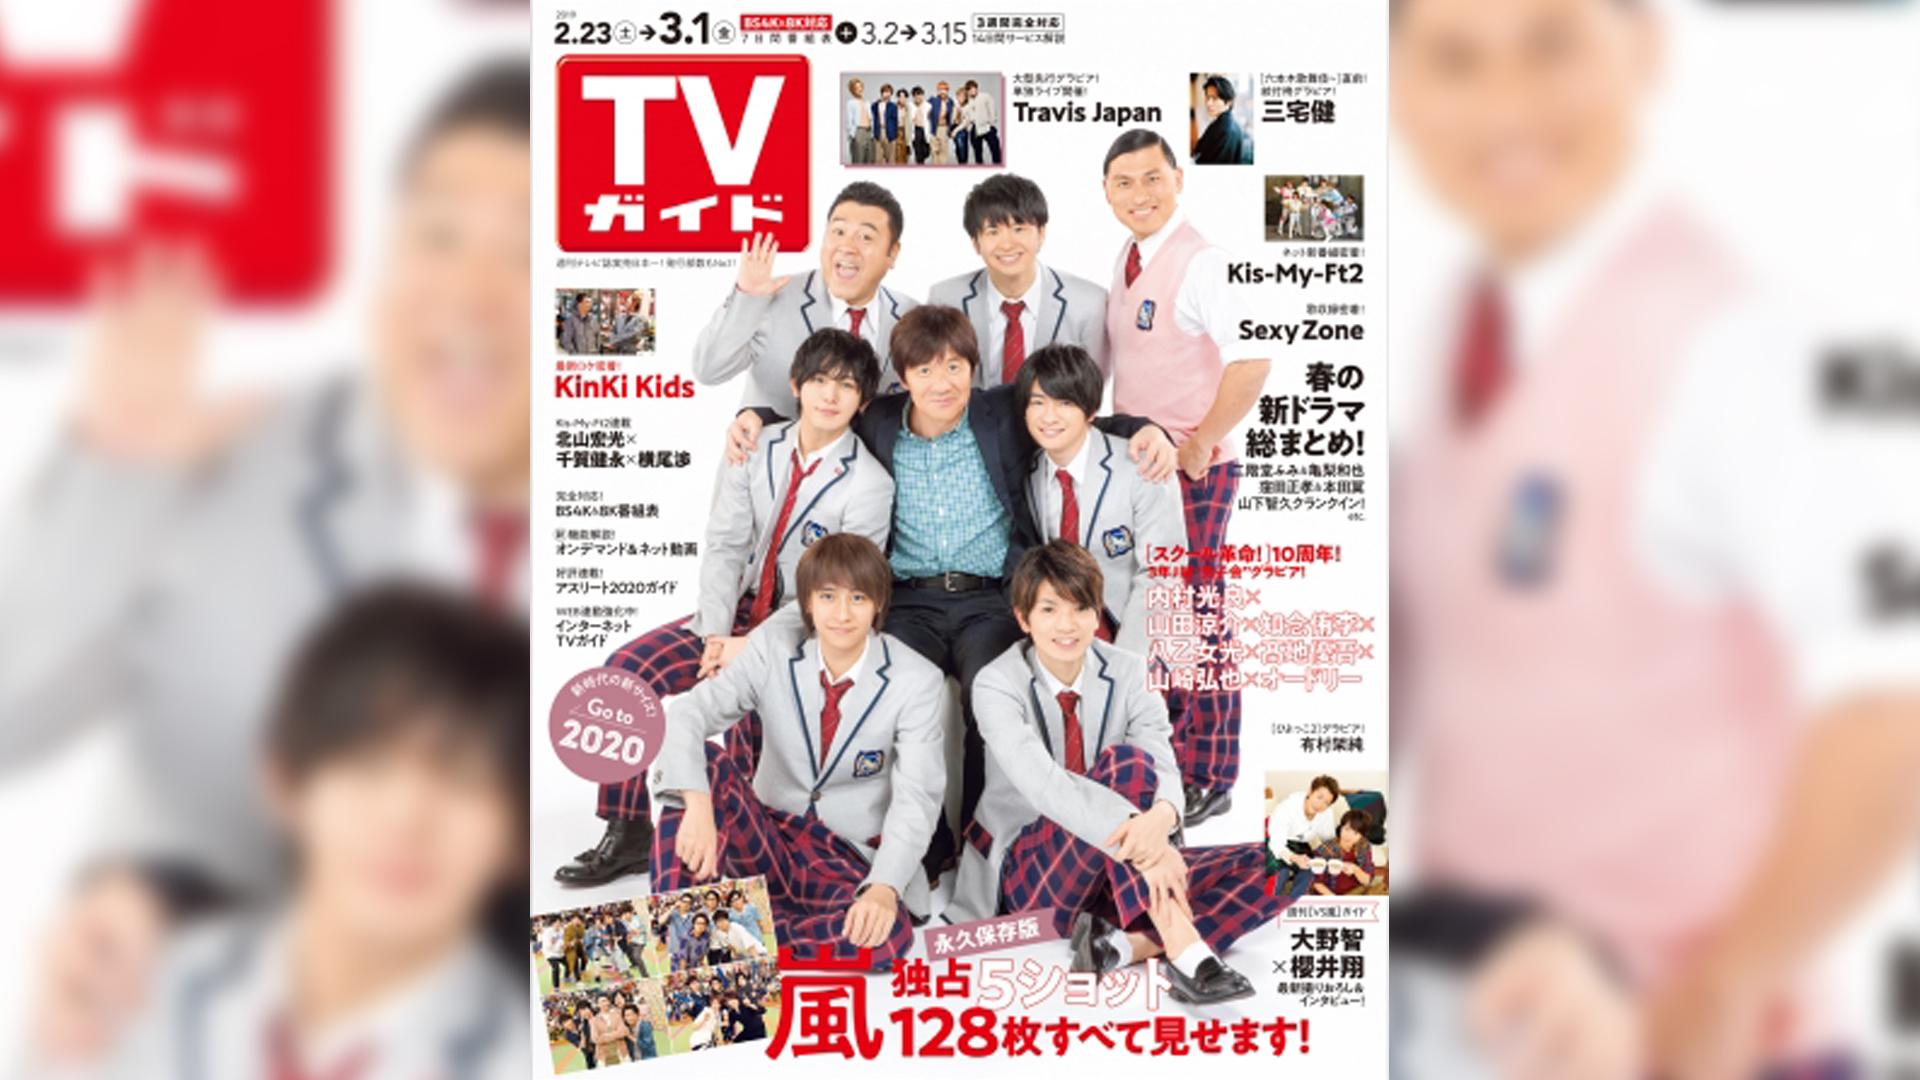 【「スクール革命!」出演者8人がTVガイド表紙に登場】他、新着トレンド2月20日